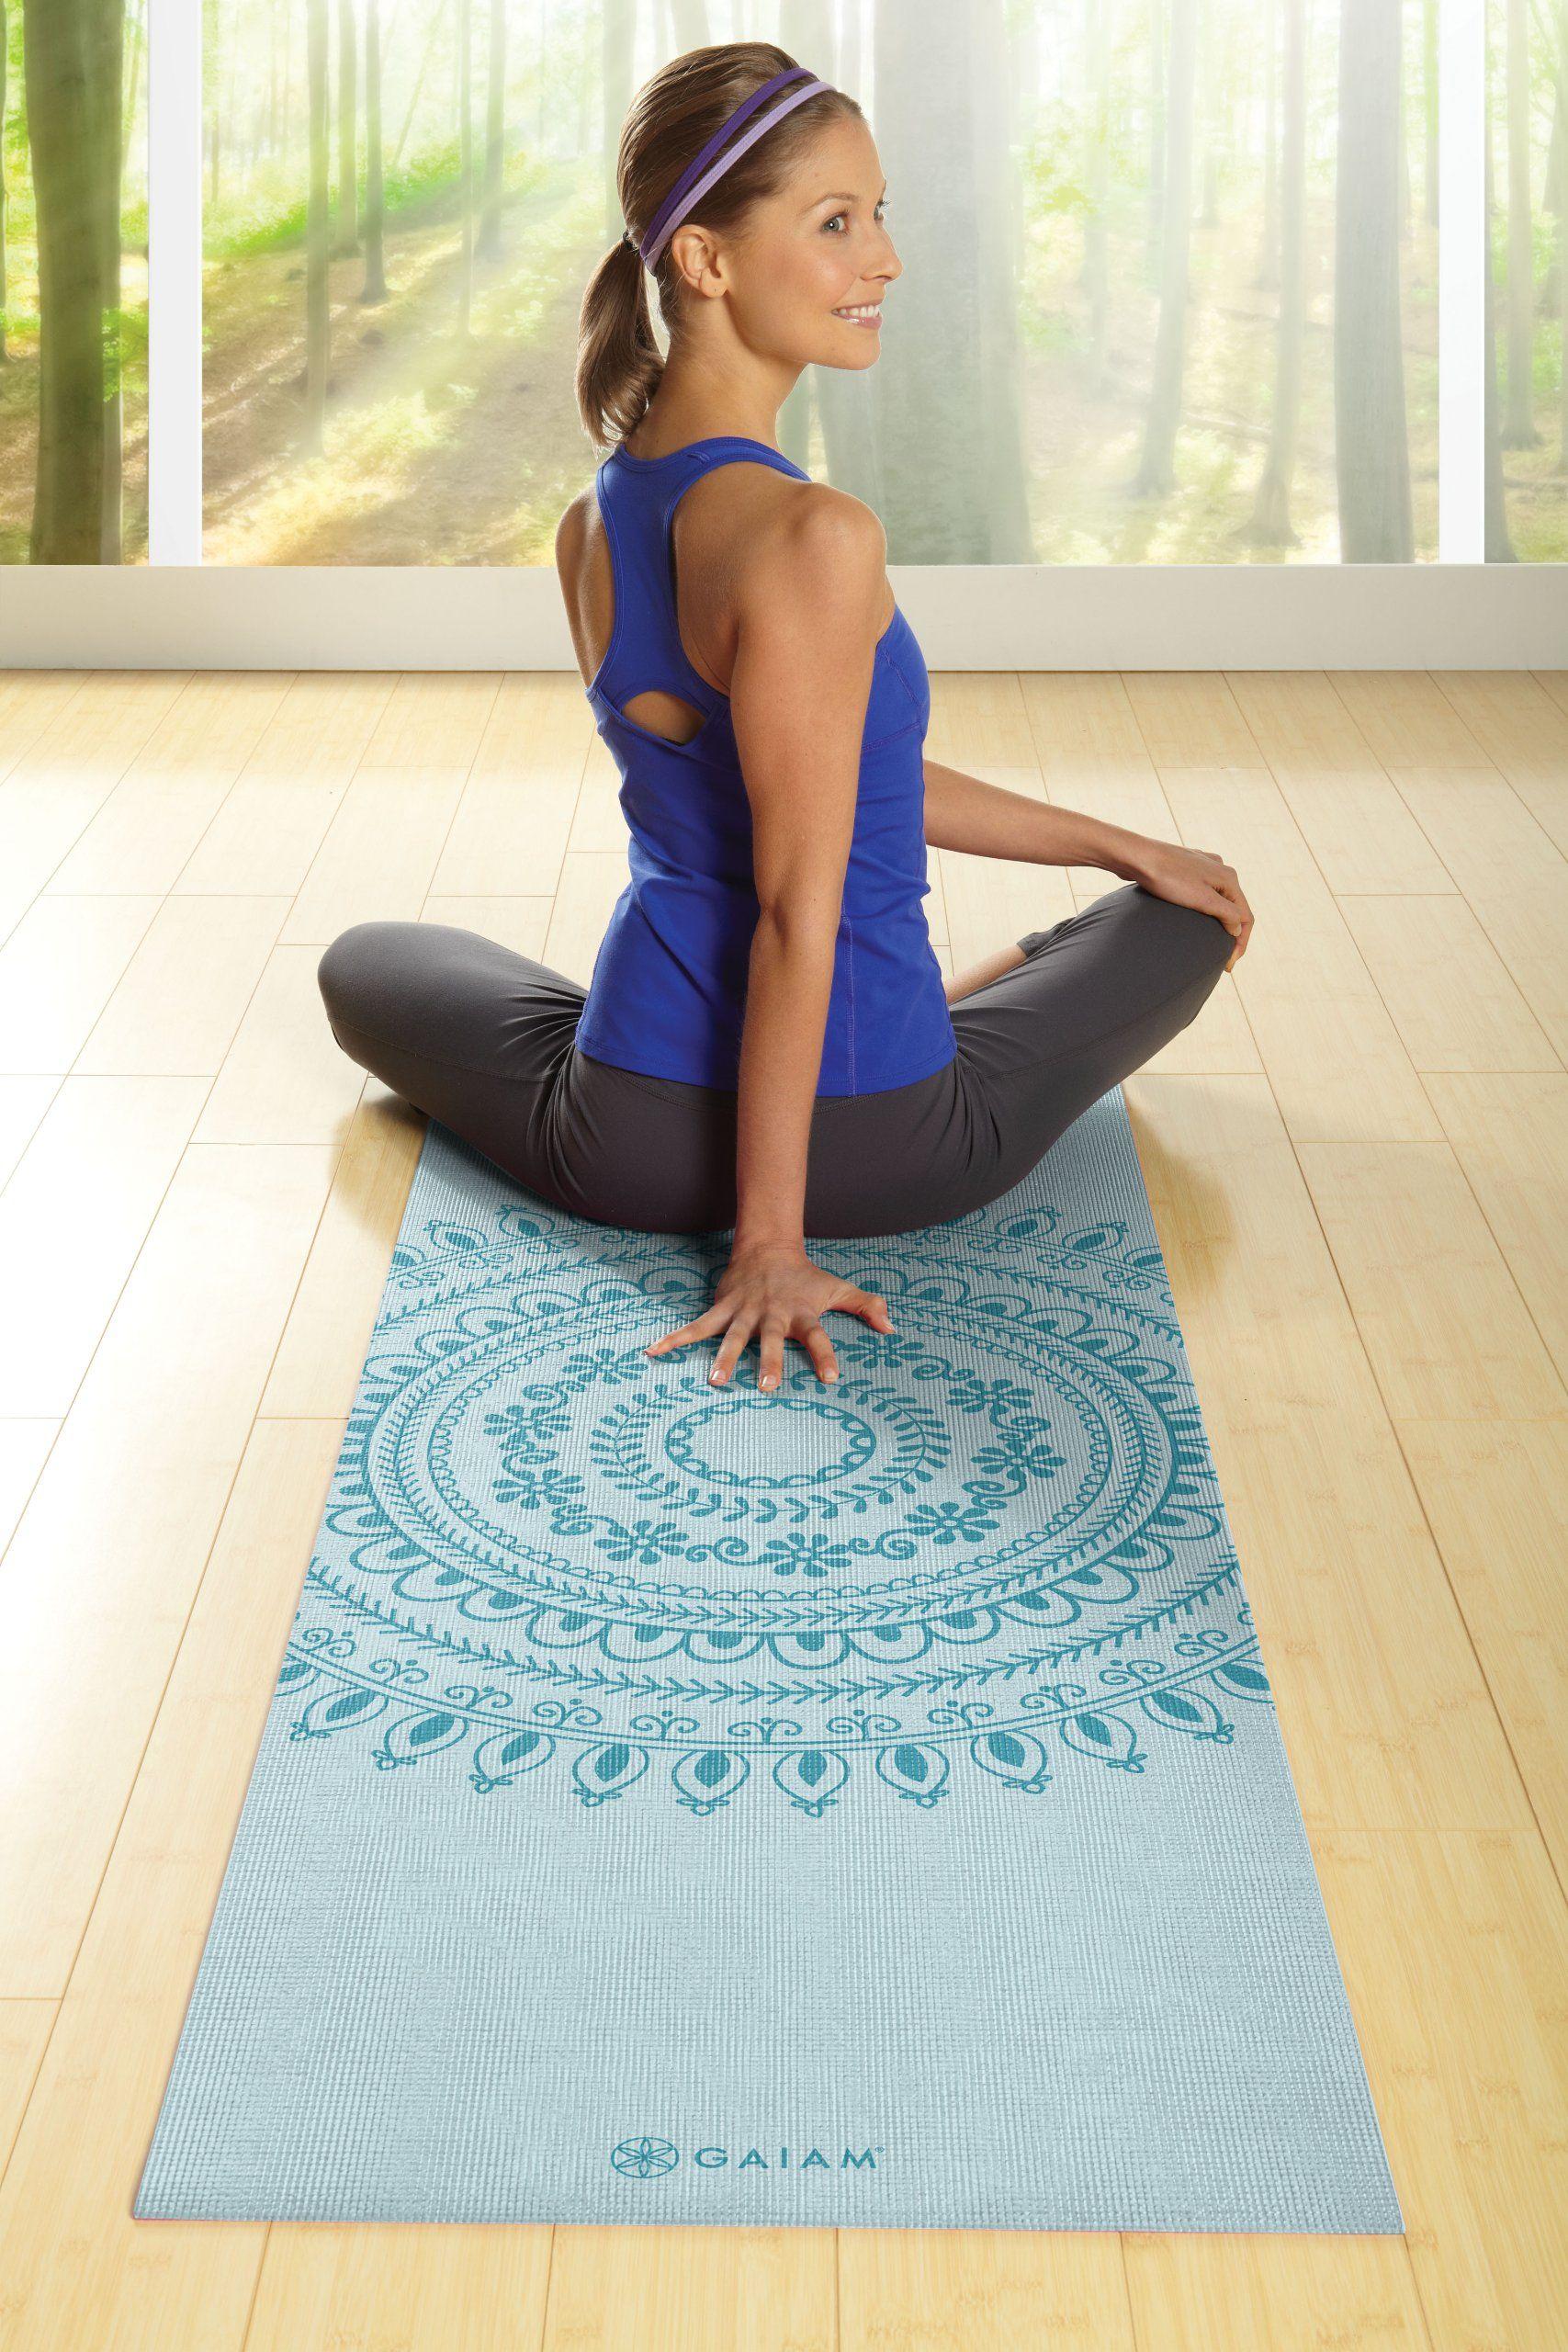 Amazon Com Gaiam Premium Print Yoga Mat 5mm Citron Sundial Sports Outdoors Gaiam Yoga Gaiam Yoga Mat Types Of Yoga